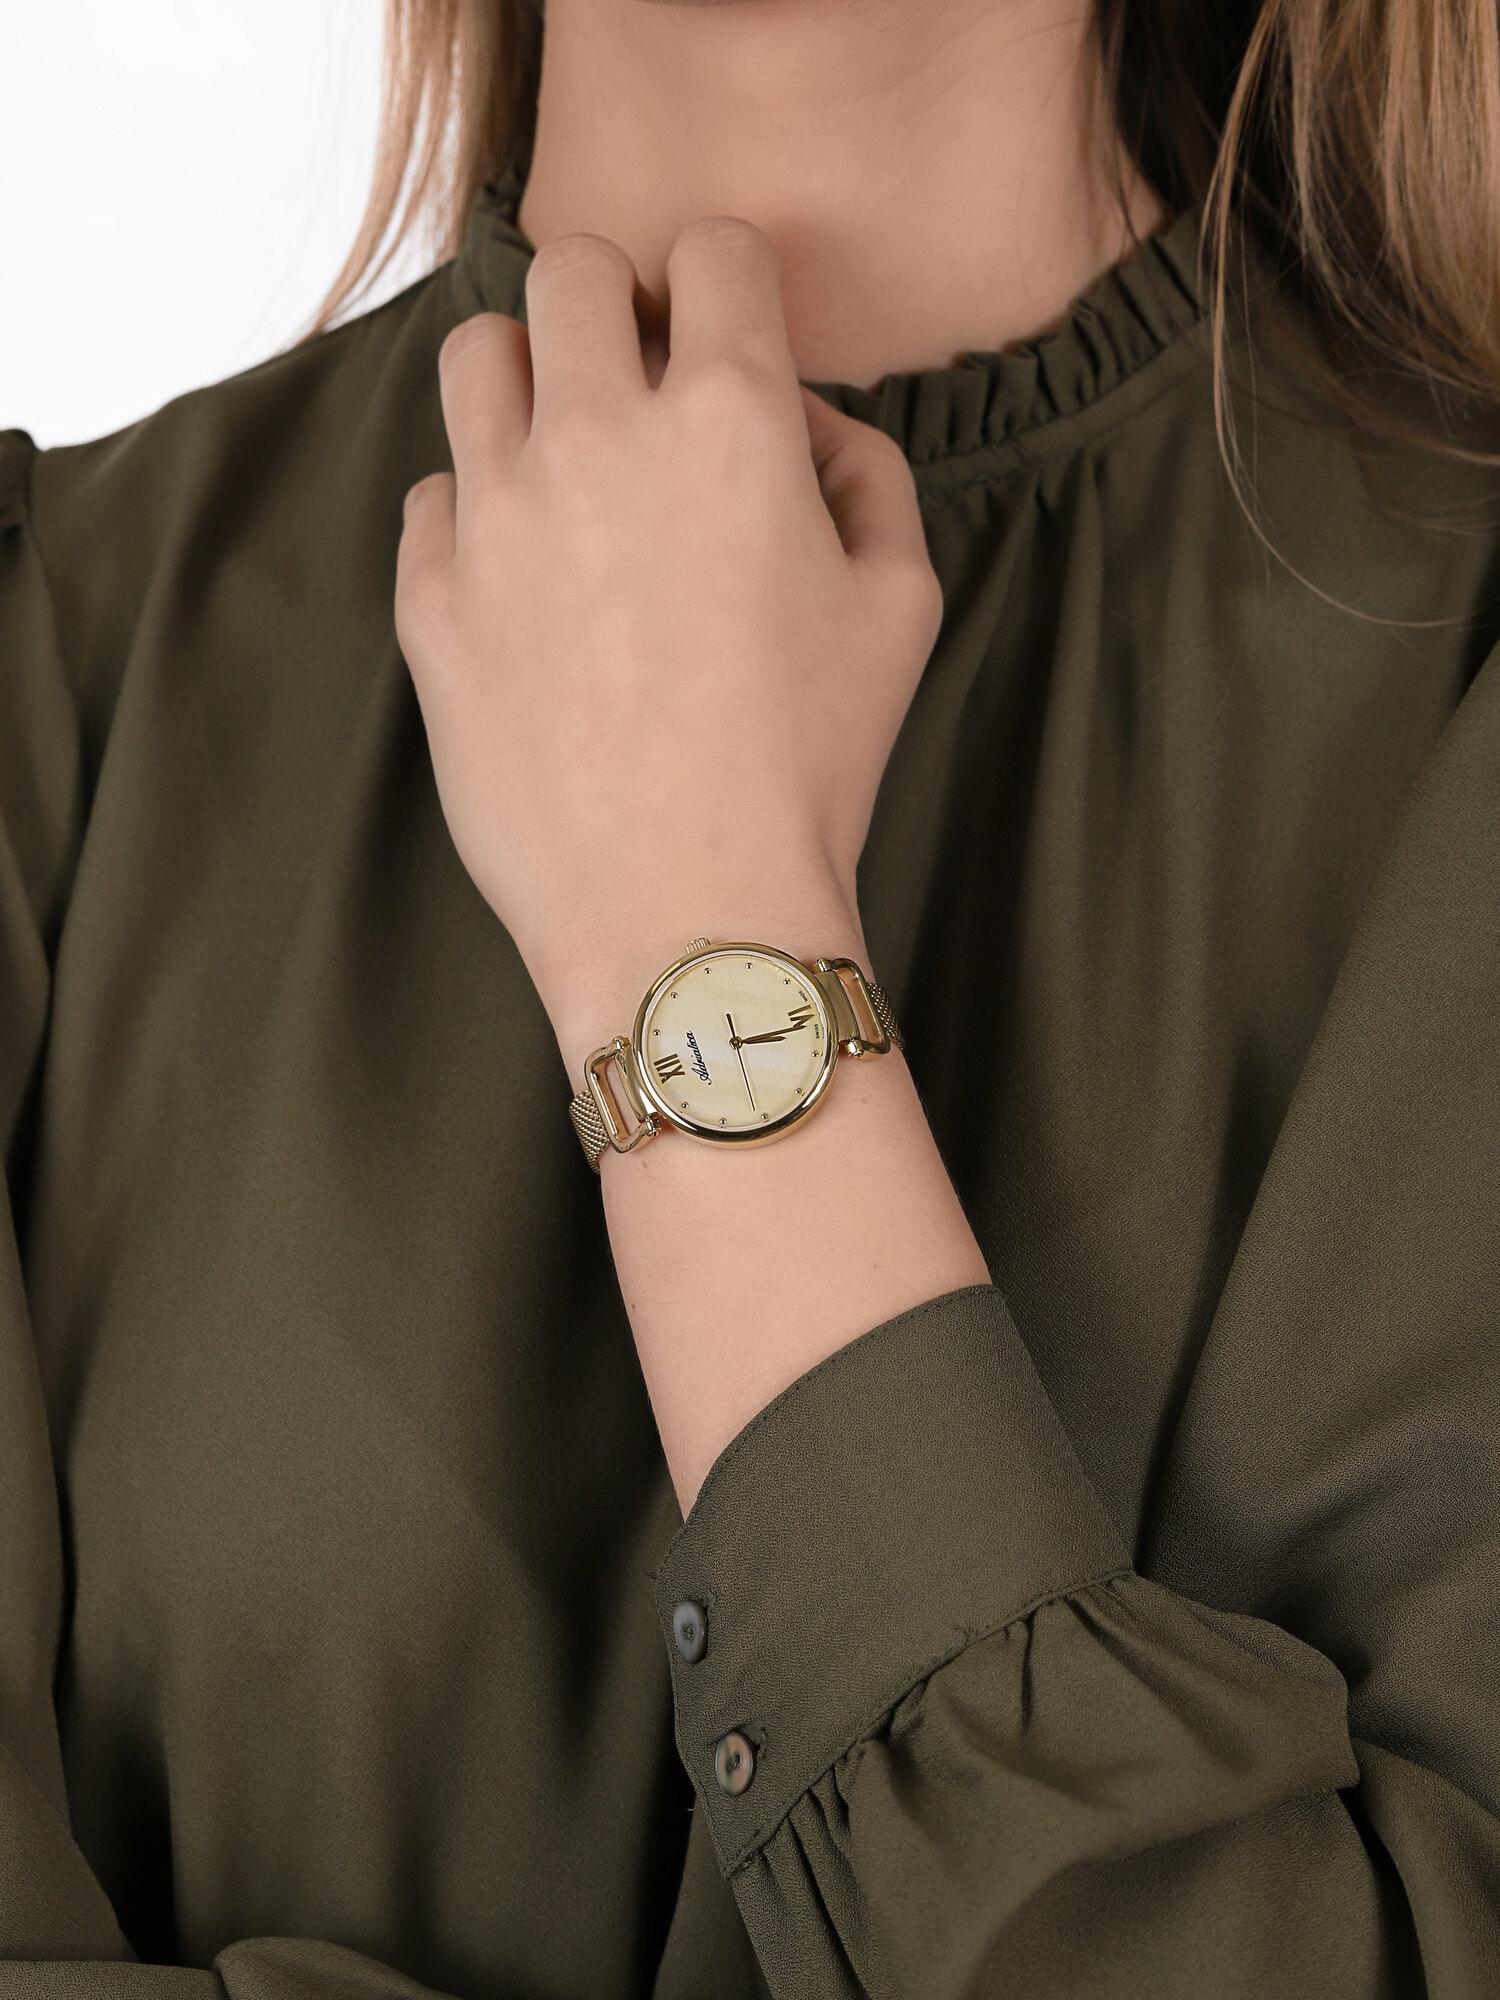 Adriatica A3745.118SQ damski zegarek Bransoleta bransoleta